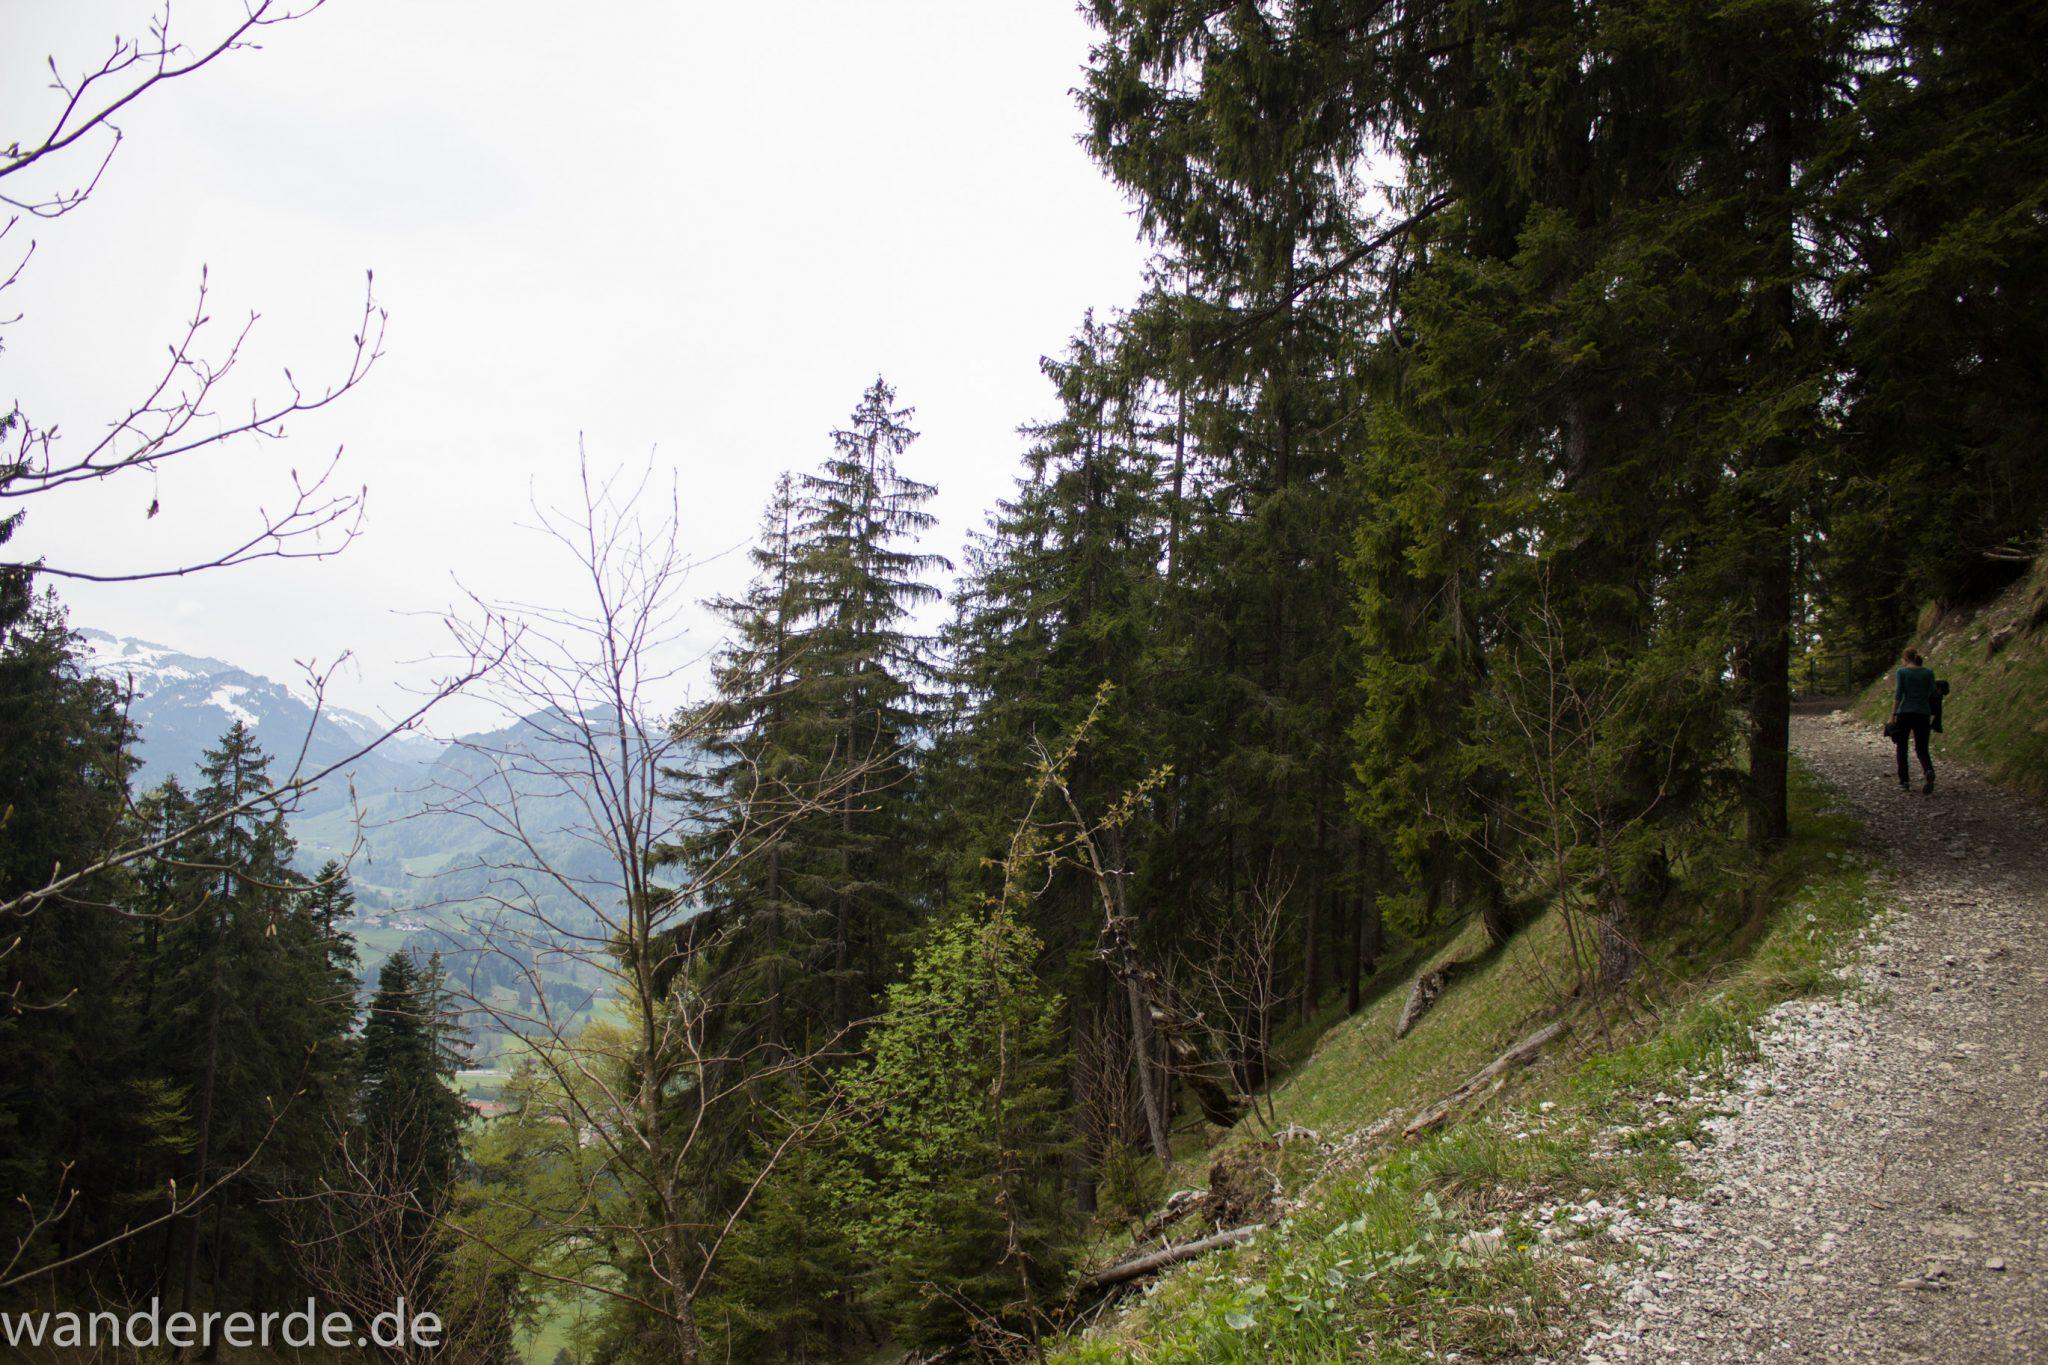 Wanderung Unterer Gaisalpsee, Wanderweg von Oberstdorf im Allgäu, schmalerer Kiespfad wird zunehmend steil und felsig, umgeben von schönem dichtem Mischwald, Blick auf Allgäuer Berge